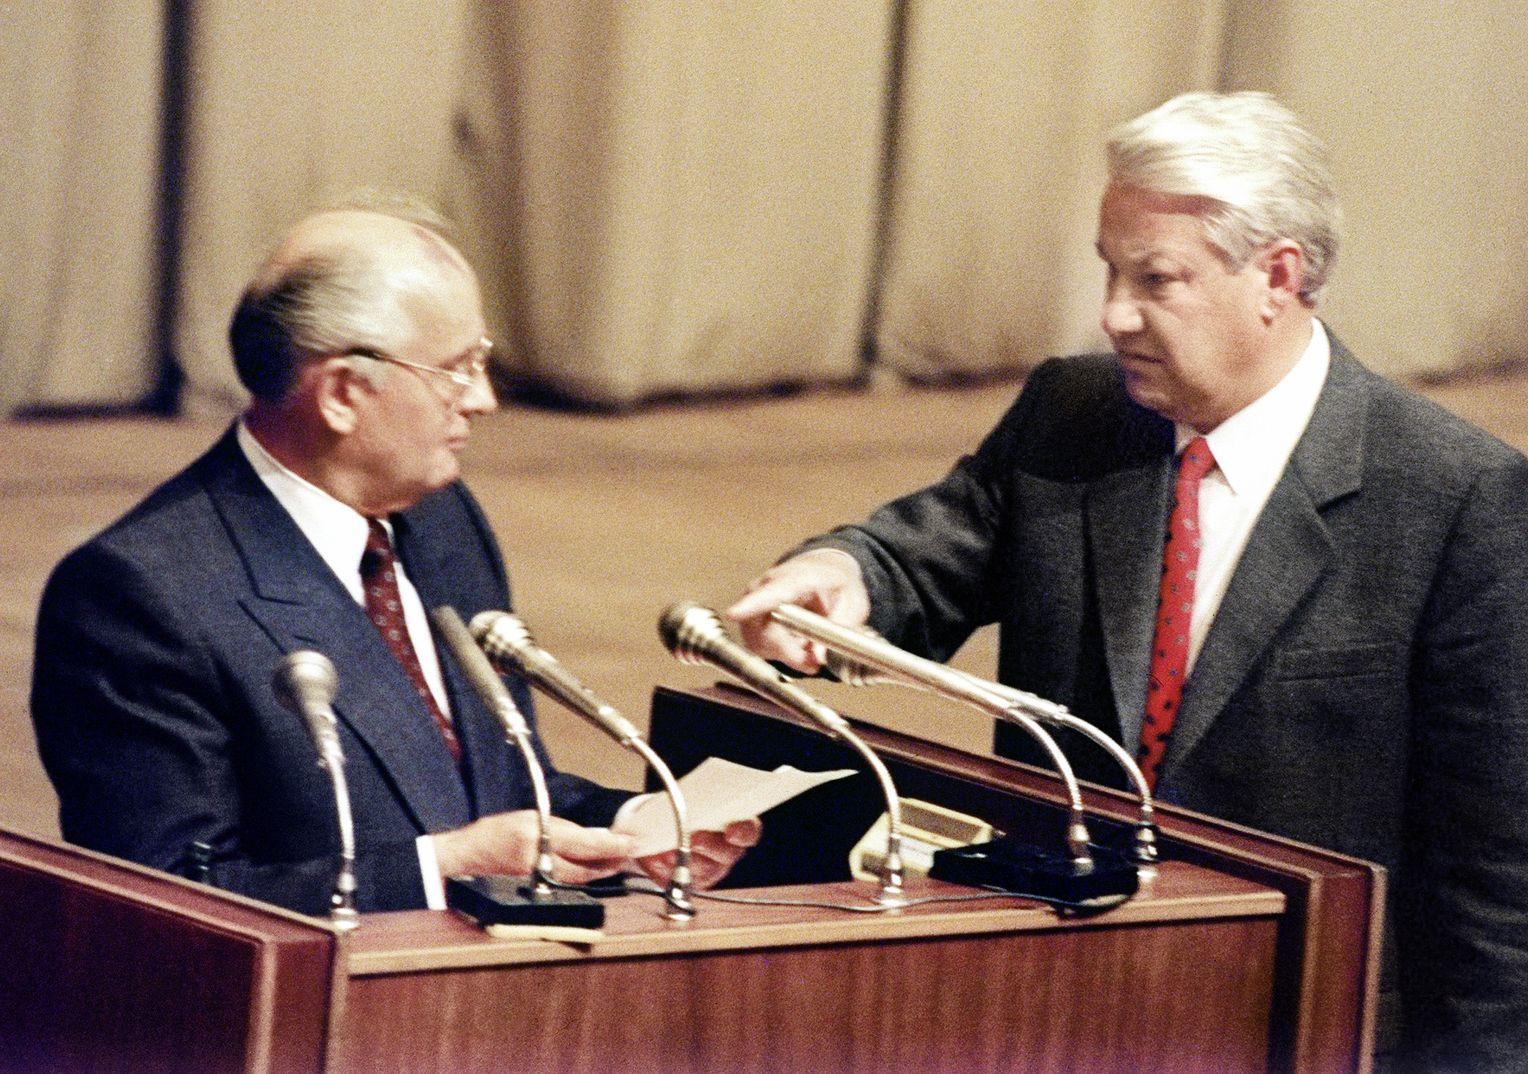 Sự phản bội lý tưởng và cái chết của Đảng cộng sản Liên Xô